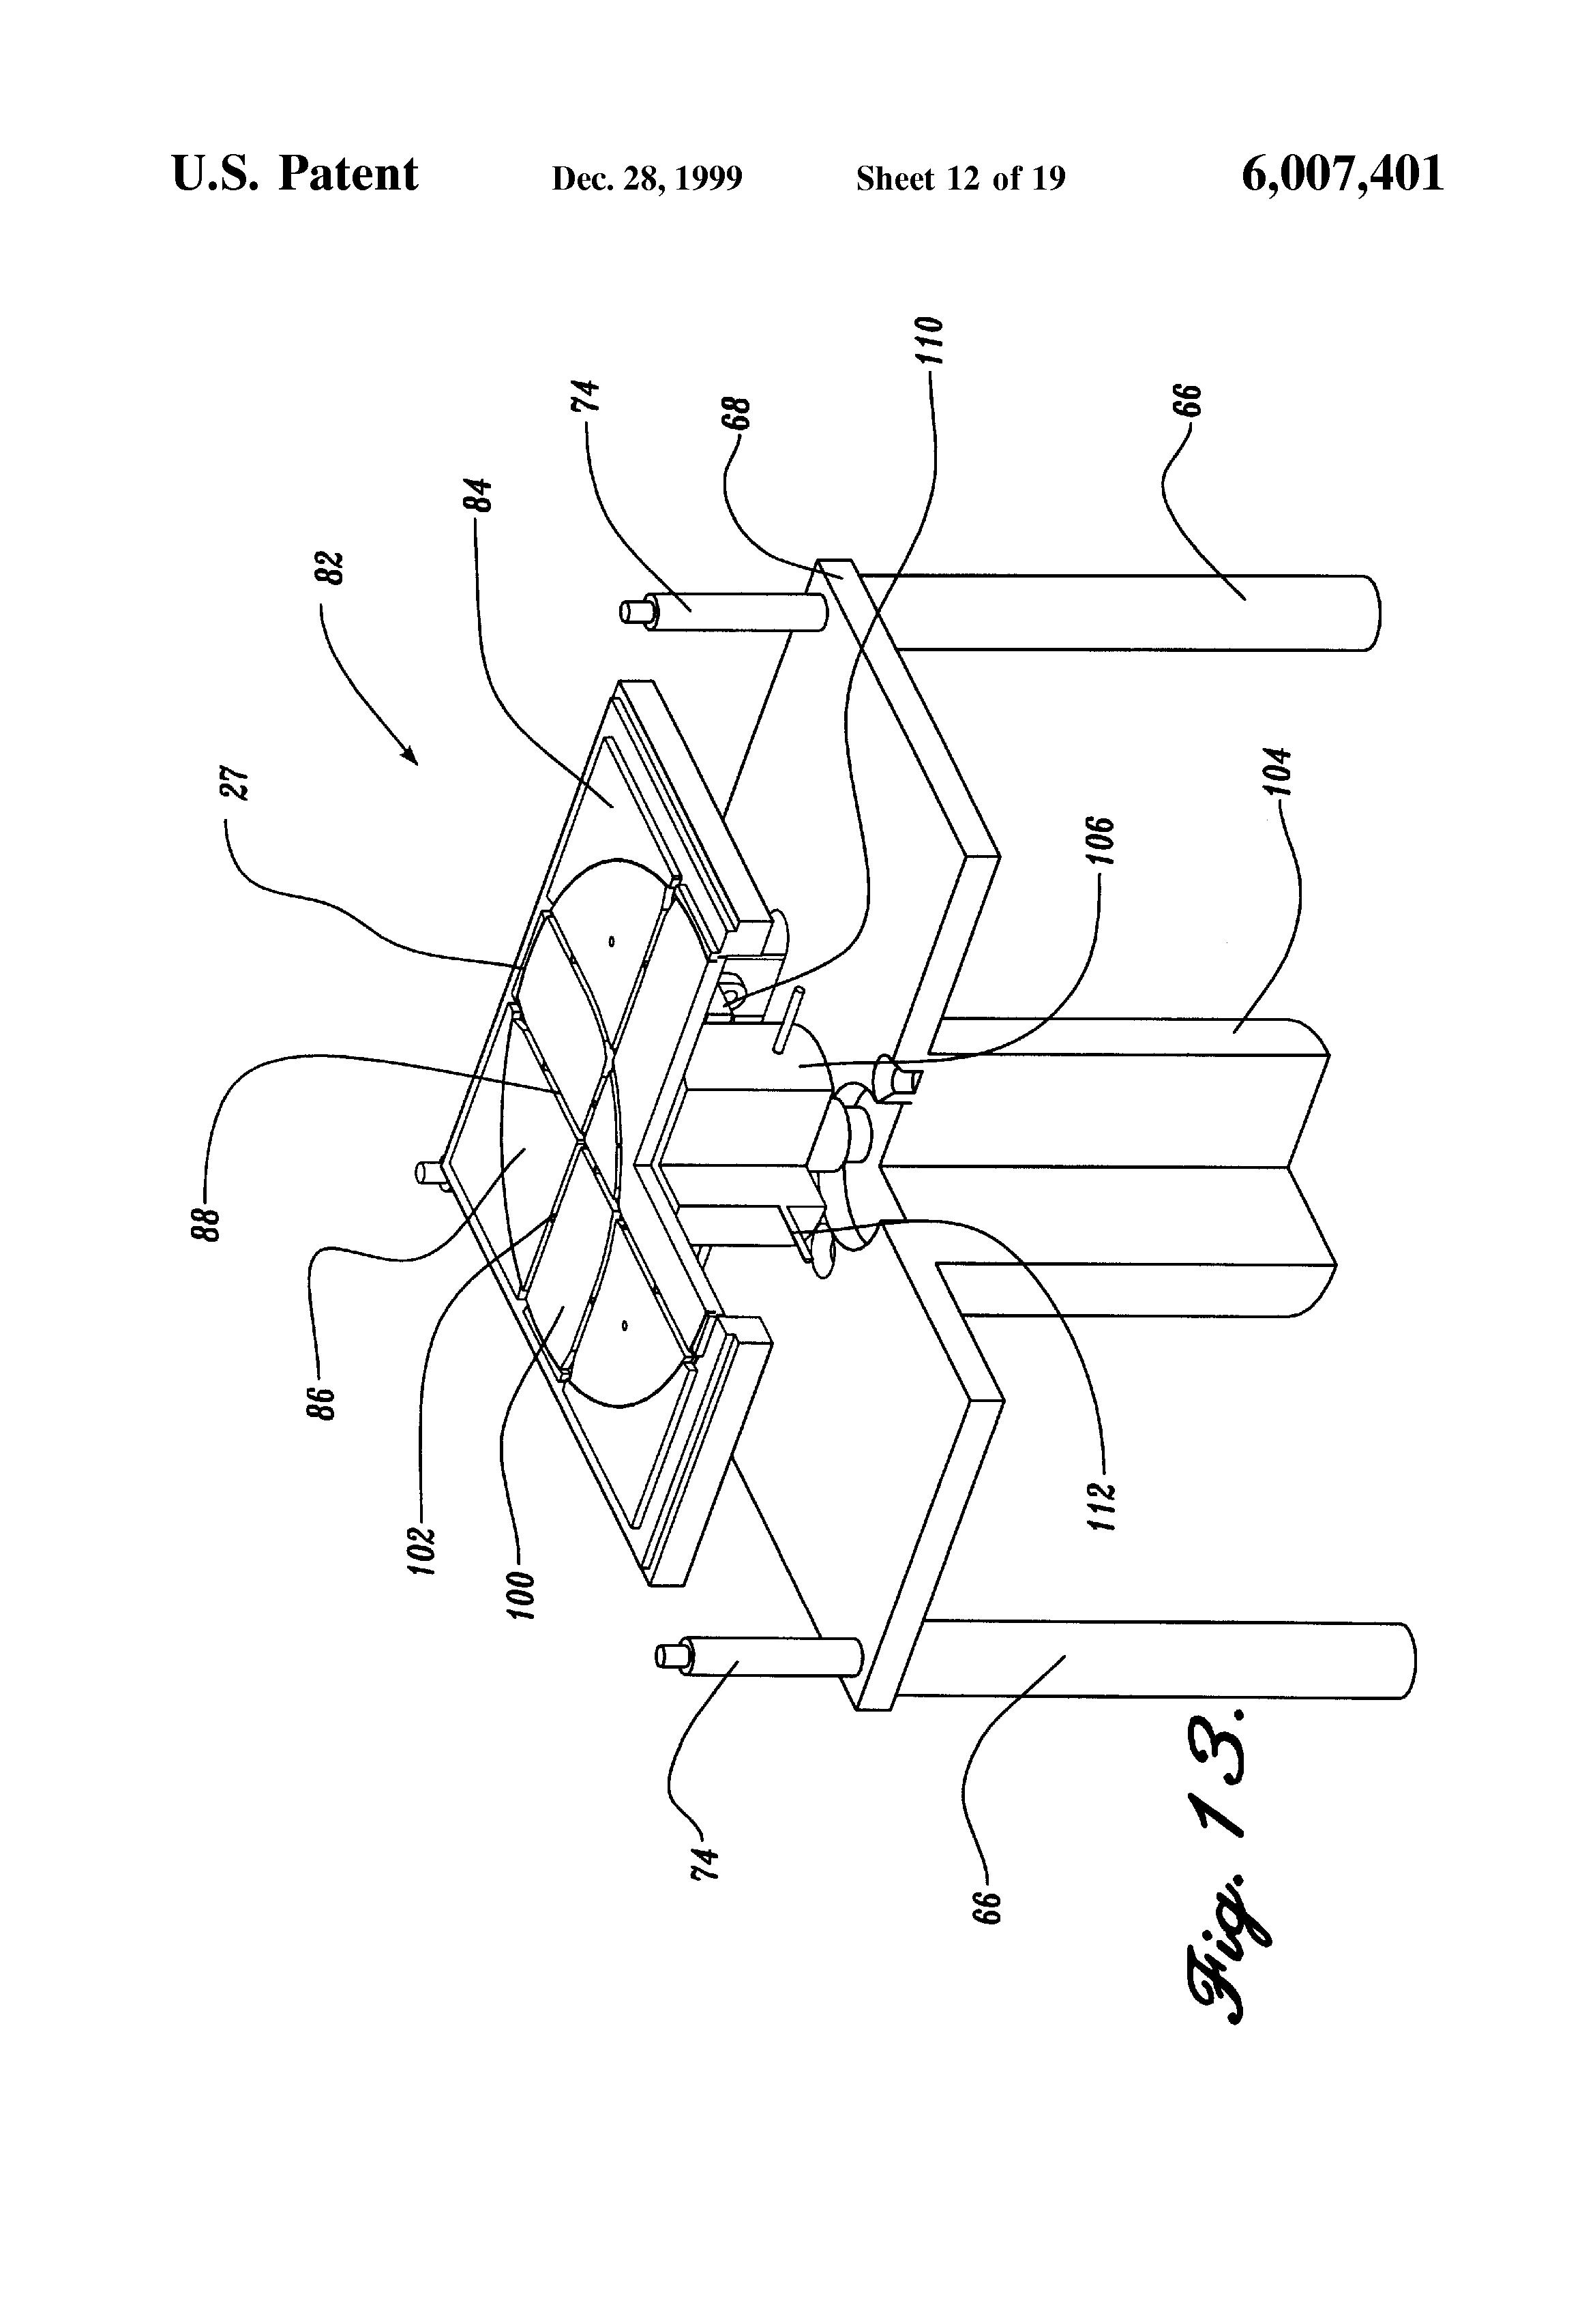 yamaha power trim wiring diagram